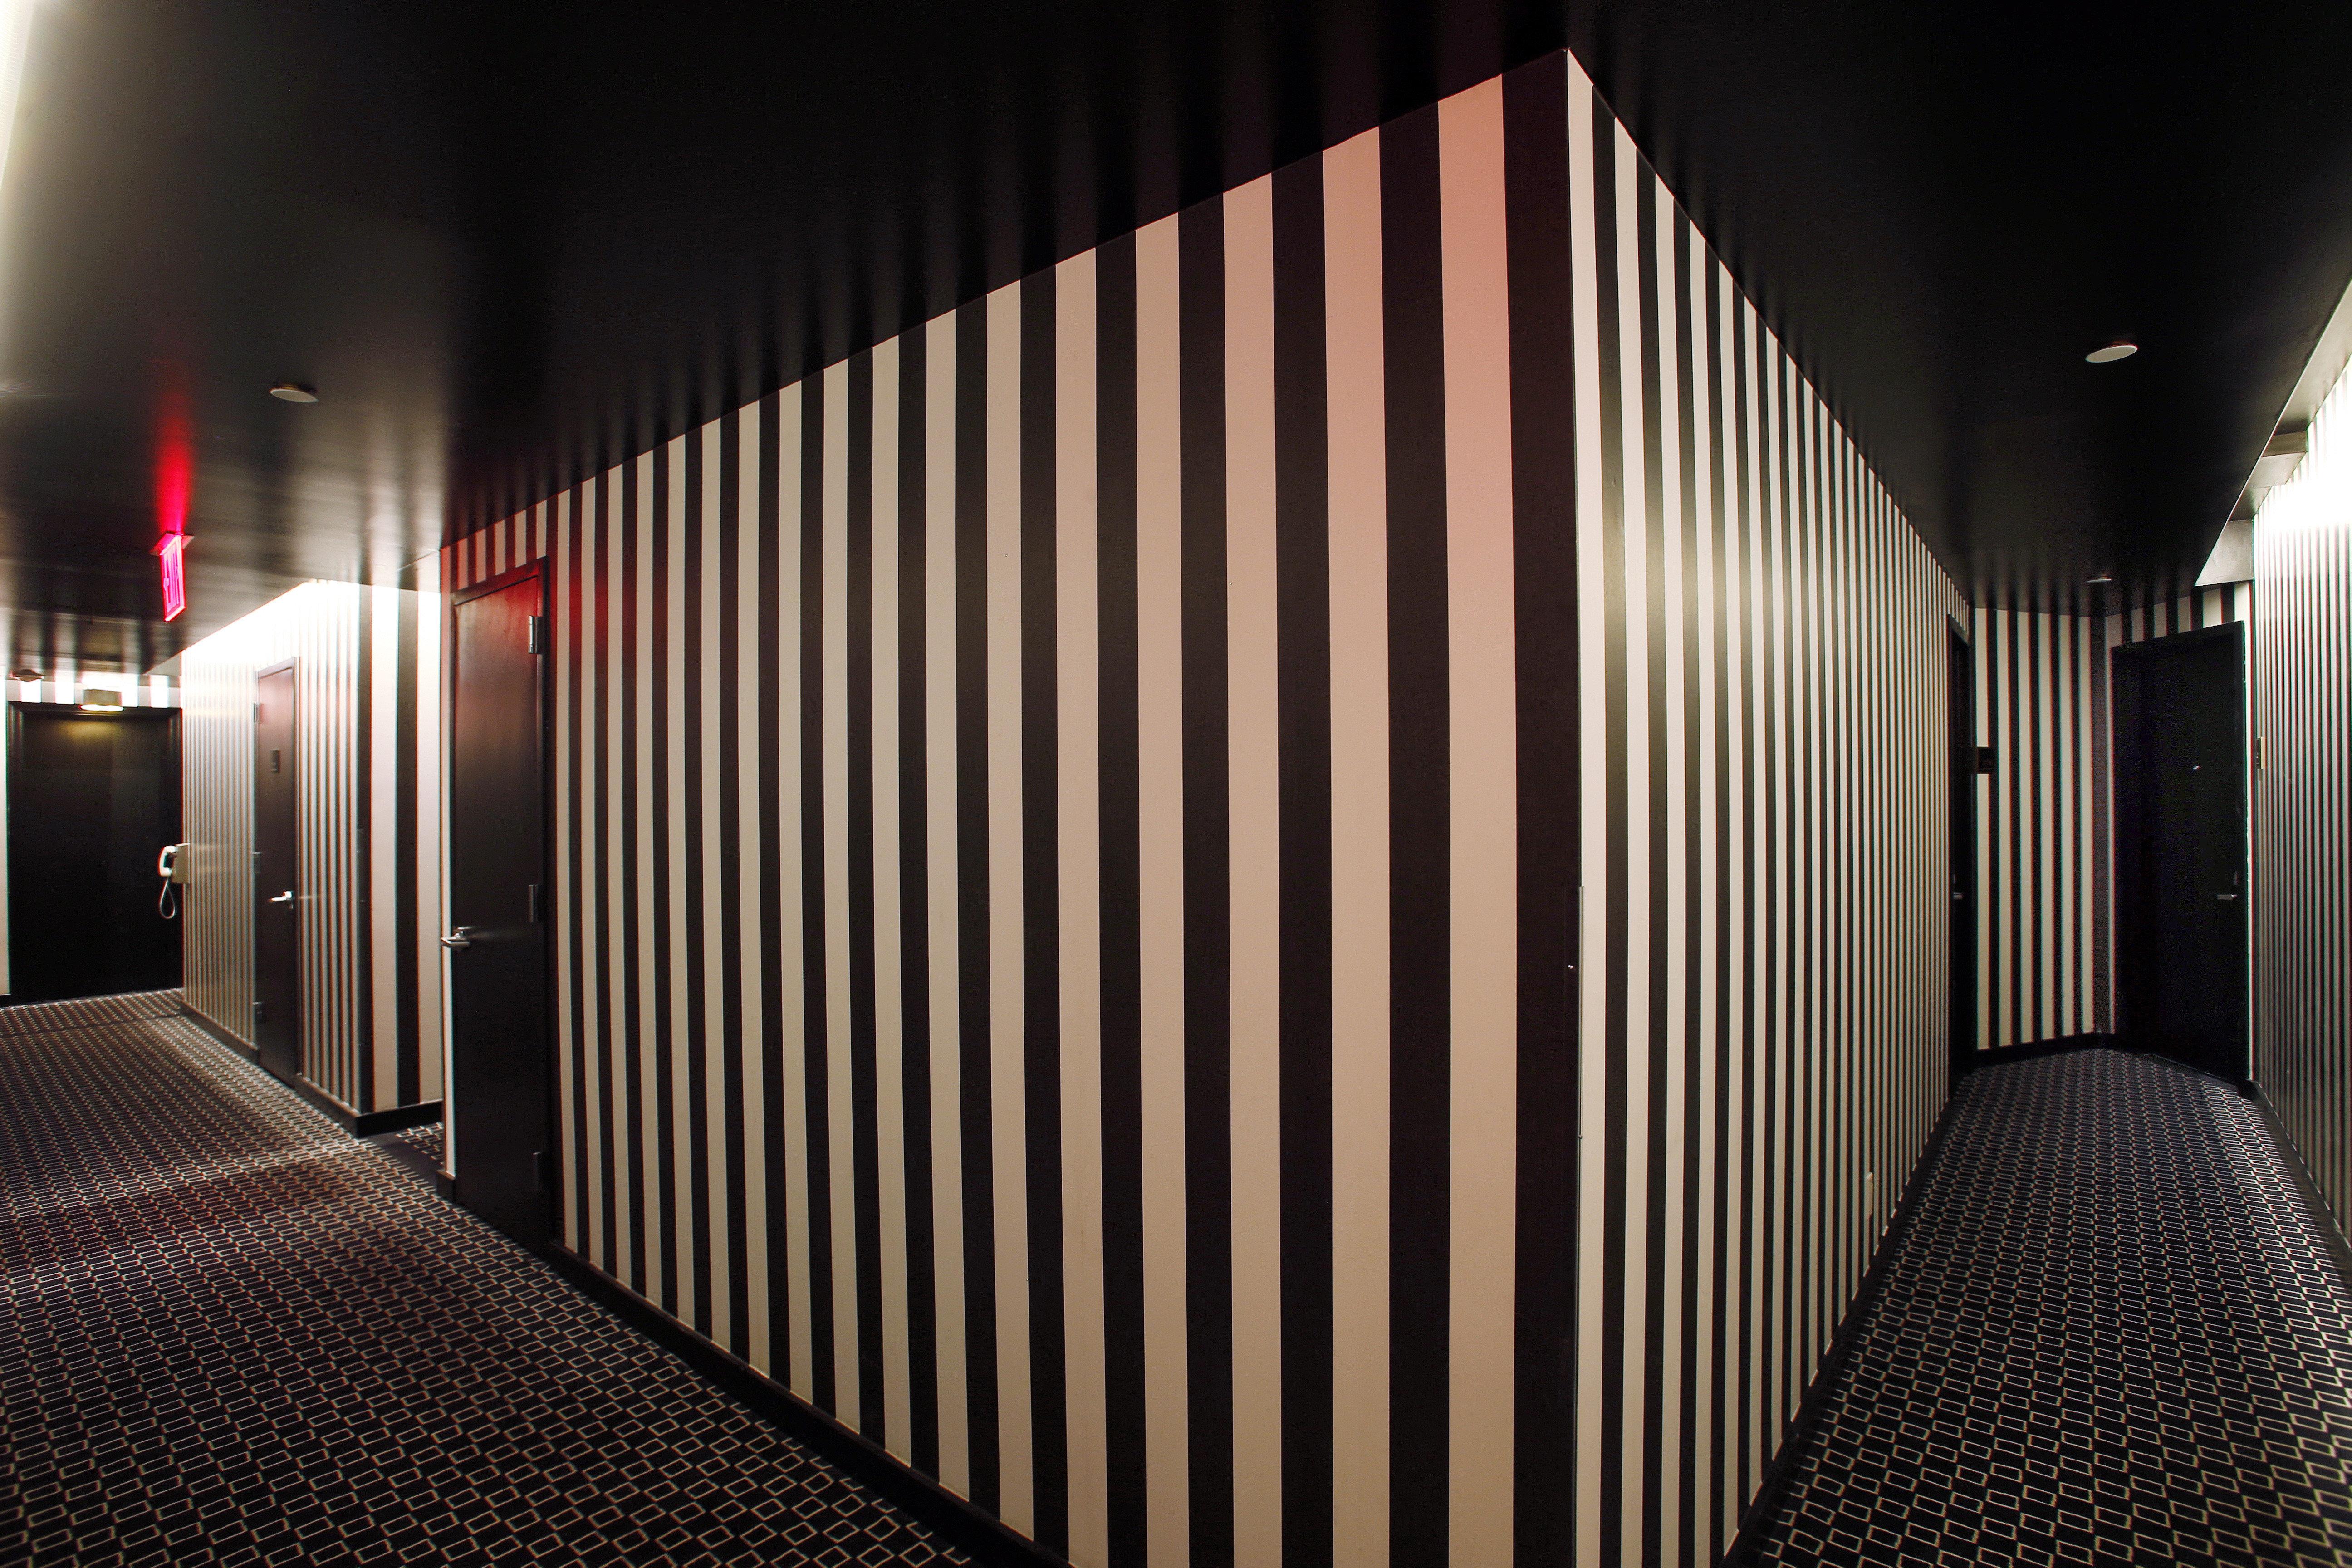 Boutique Budget Grounds Hip Modern light Architecture auditorium hall stage theatre dark